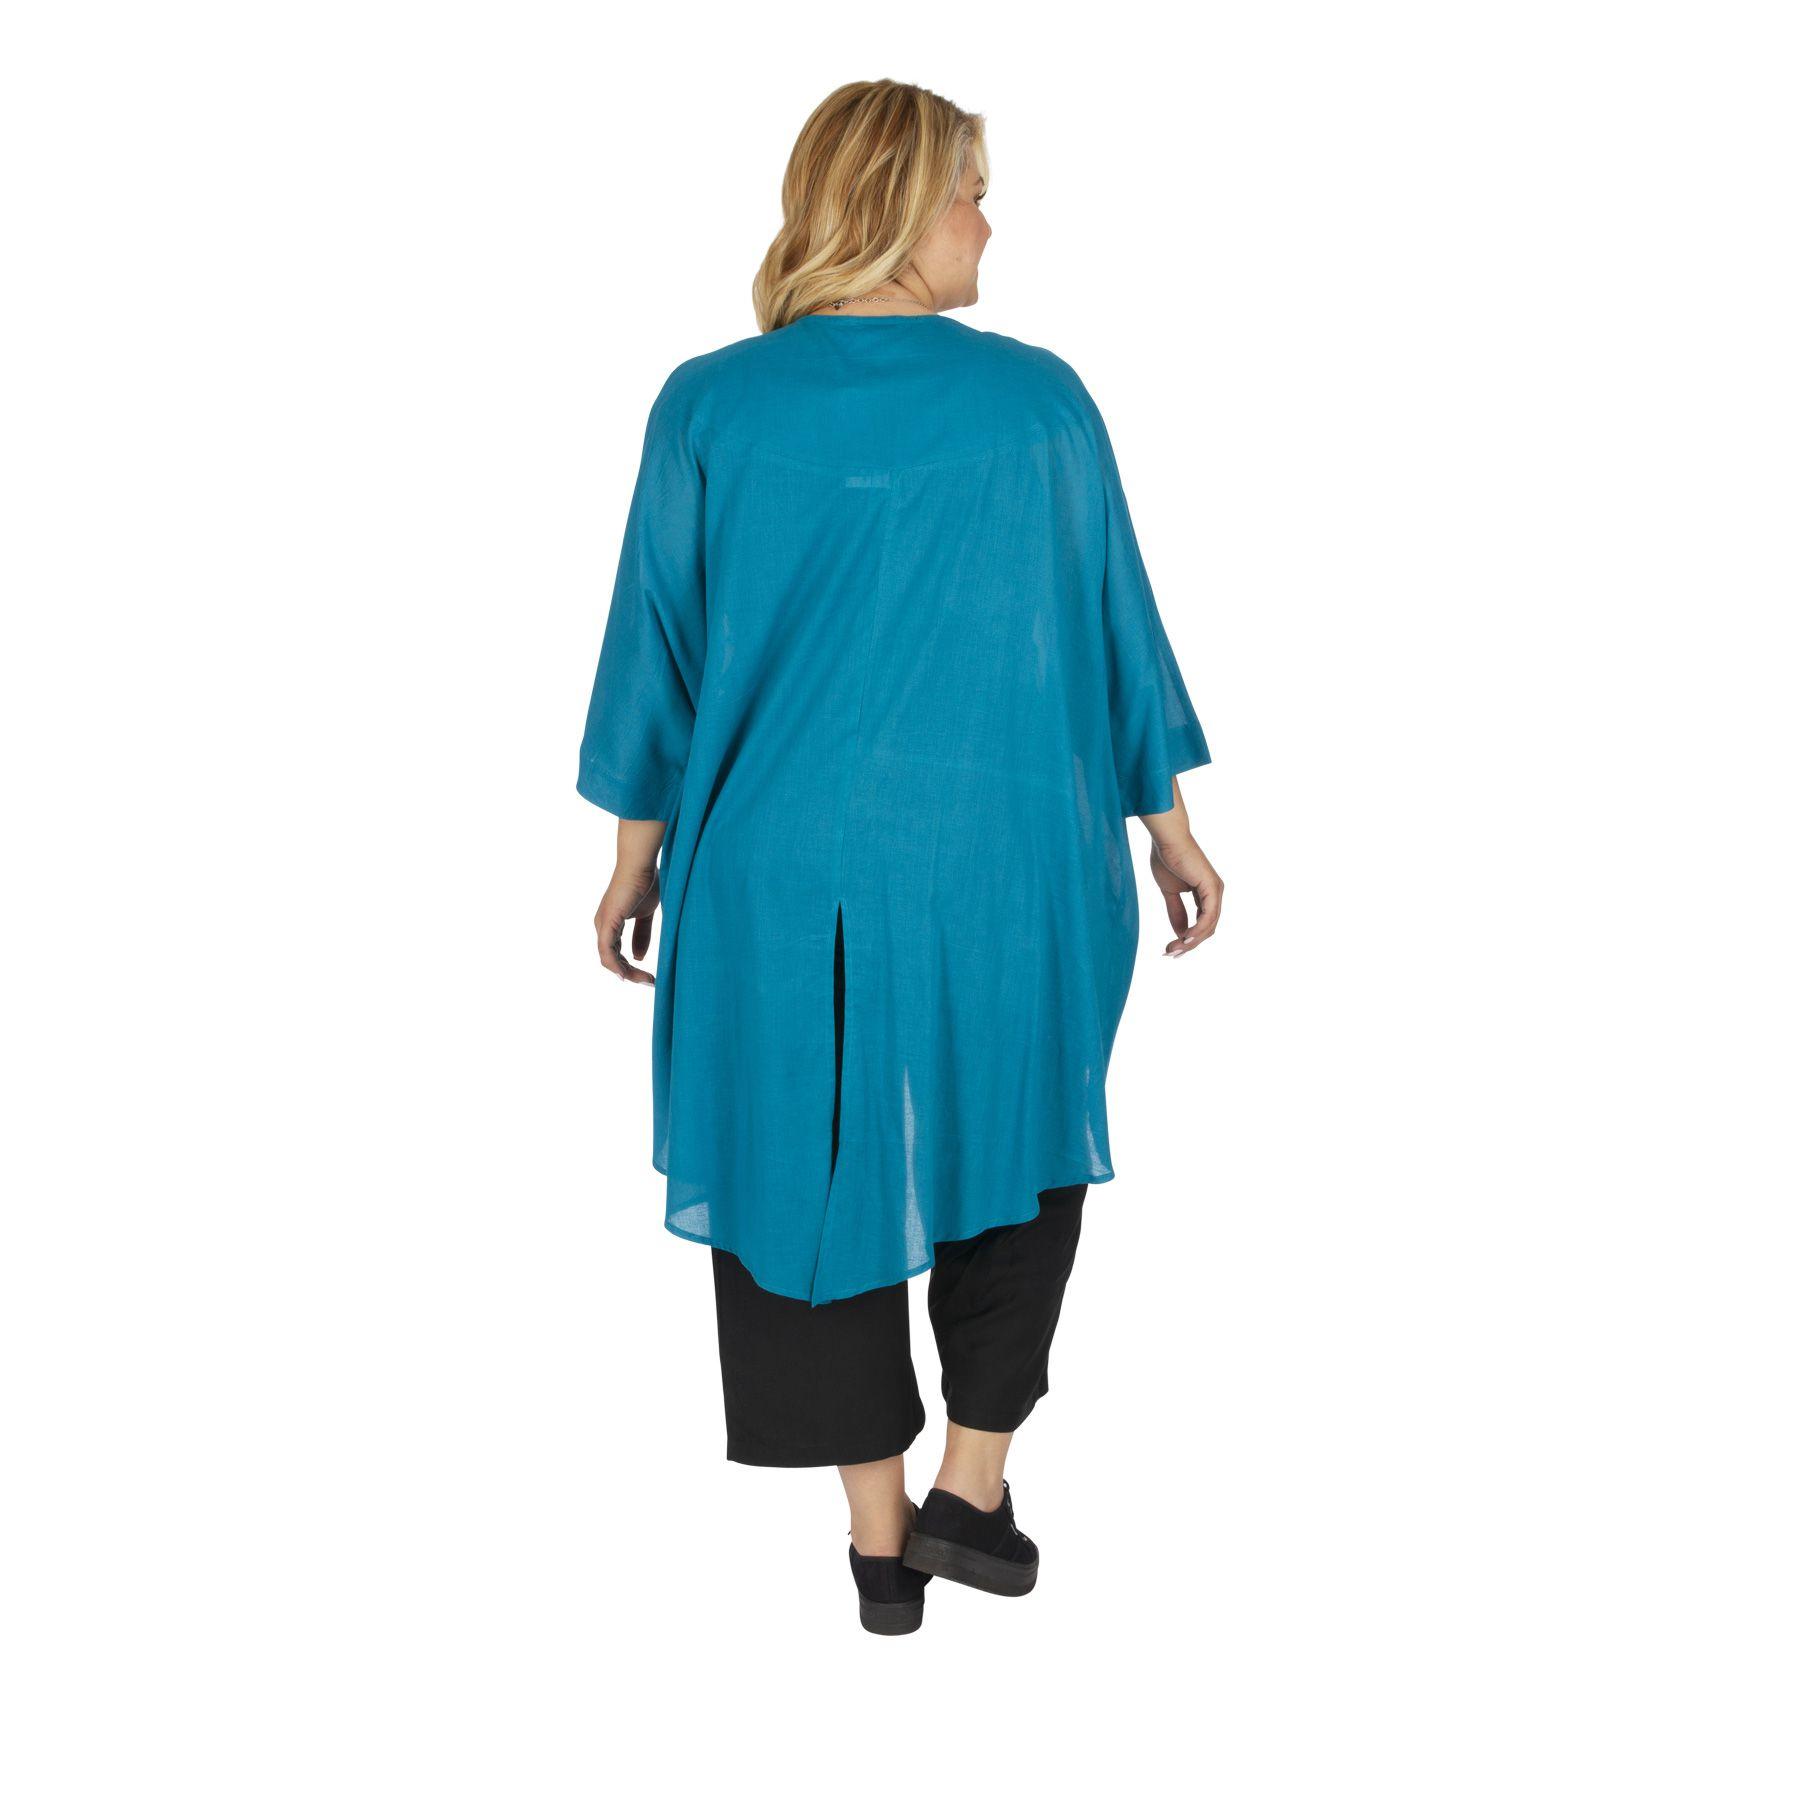 Veste été grande taille femme bleue très légère Altenal